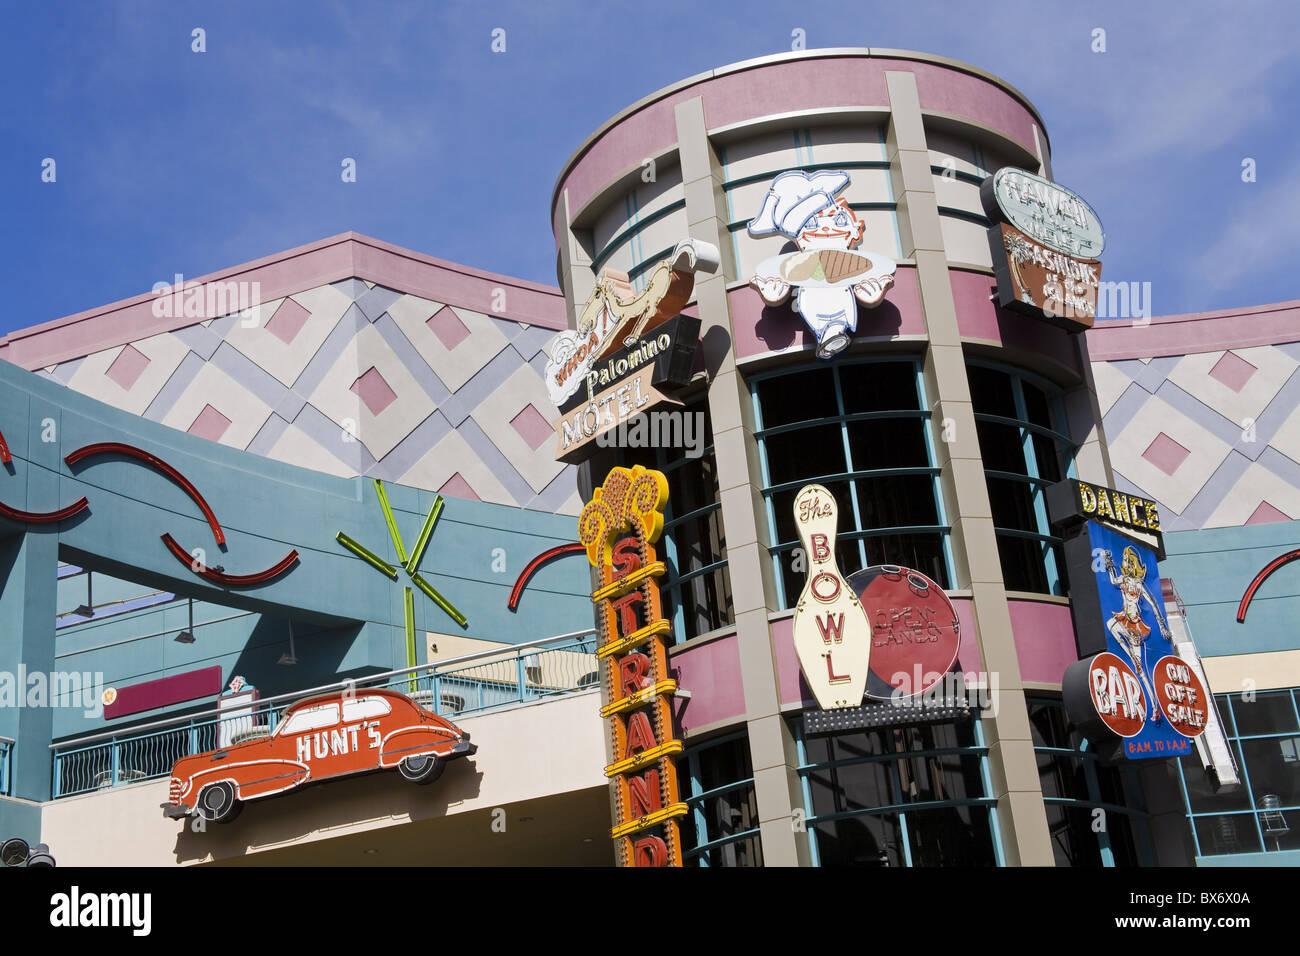 Historischen Neon Schilder in der Neonopolis Mall auf der Fremont Street, Las Vegas, Nevada, Vereinigte Staaten Stockfoto